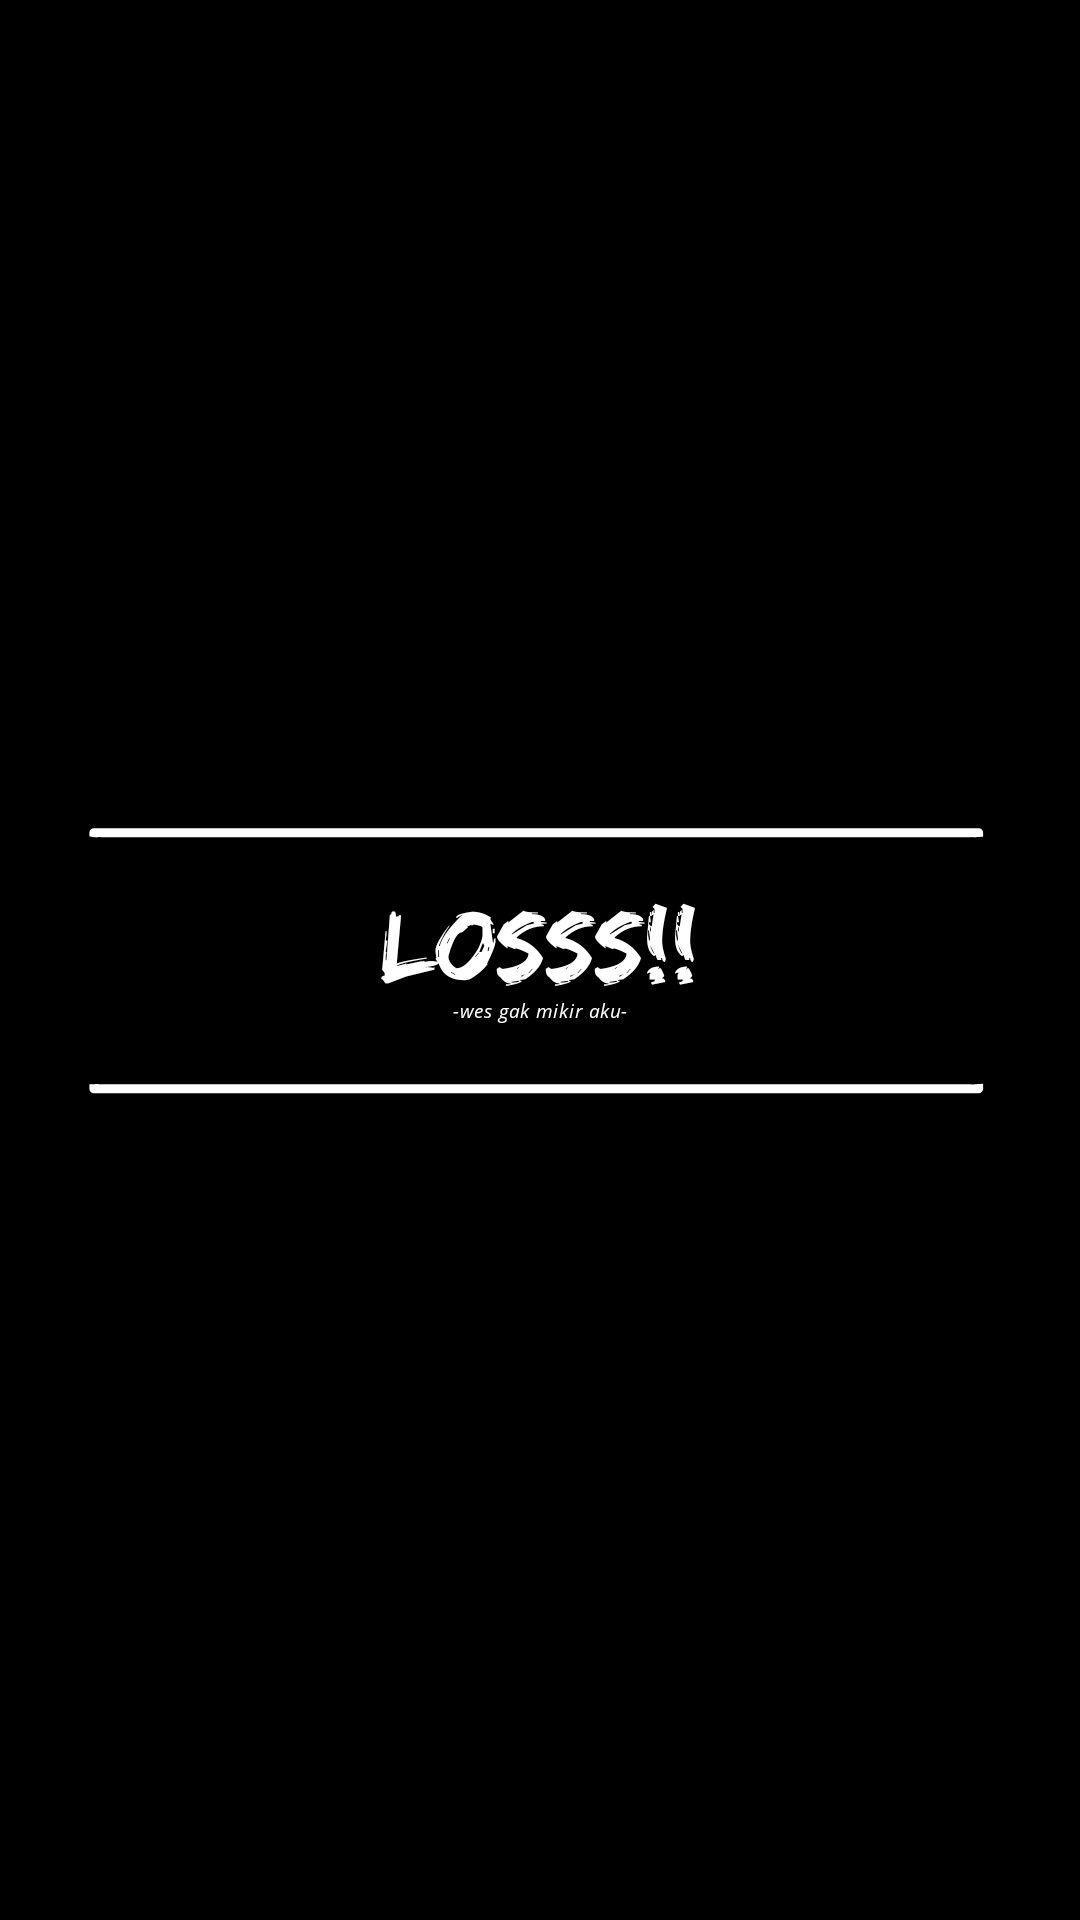 Pin Oleh Sucifbrr Di Jowoo Kutipan Tumblr Kutipan Karma Dan